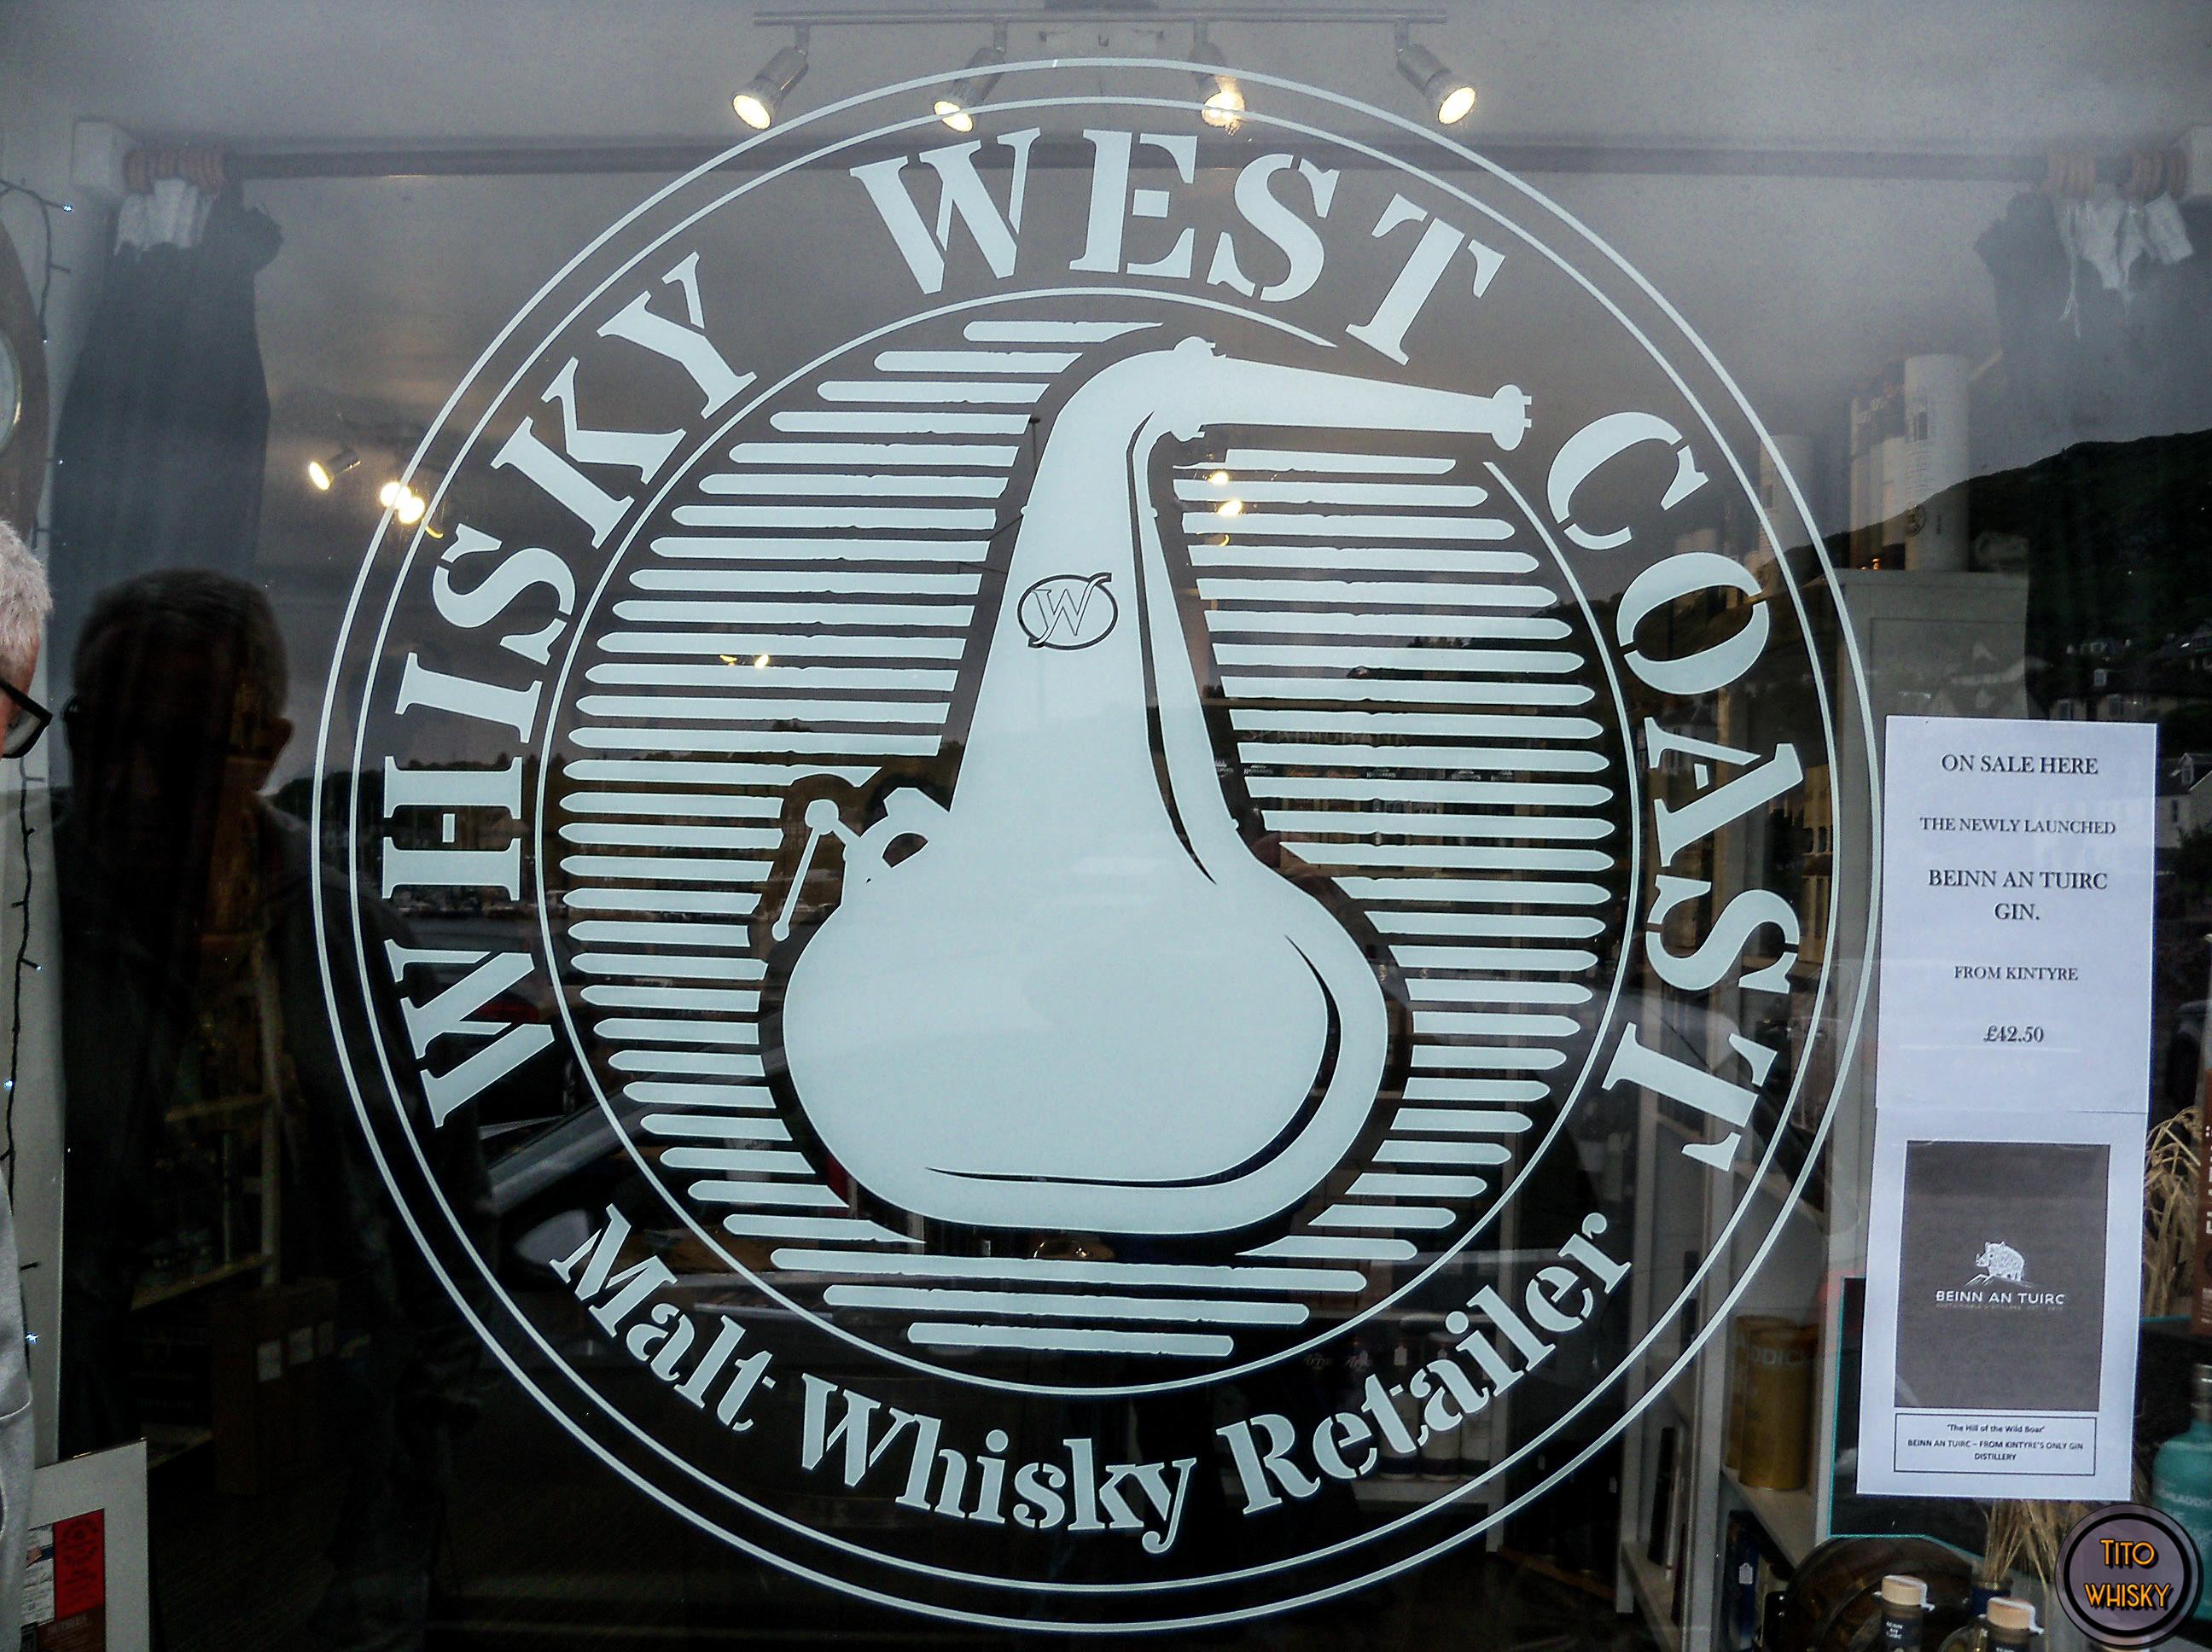 Whisky west coast